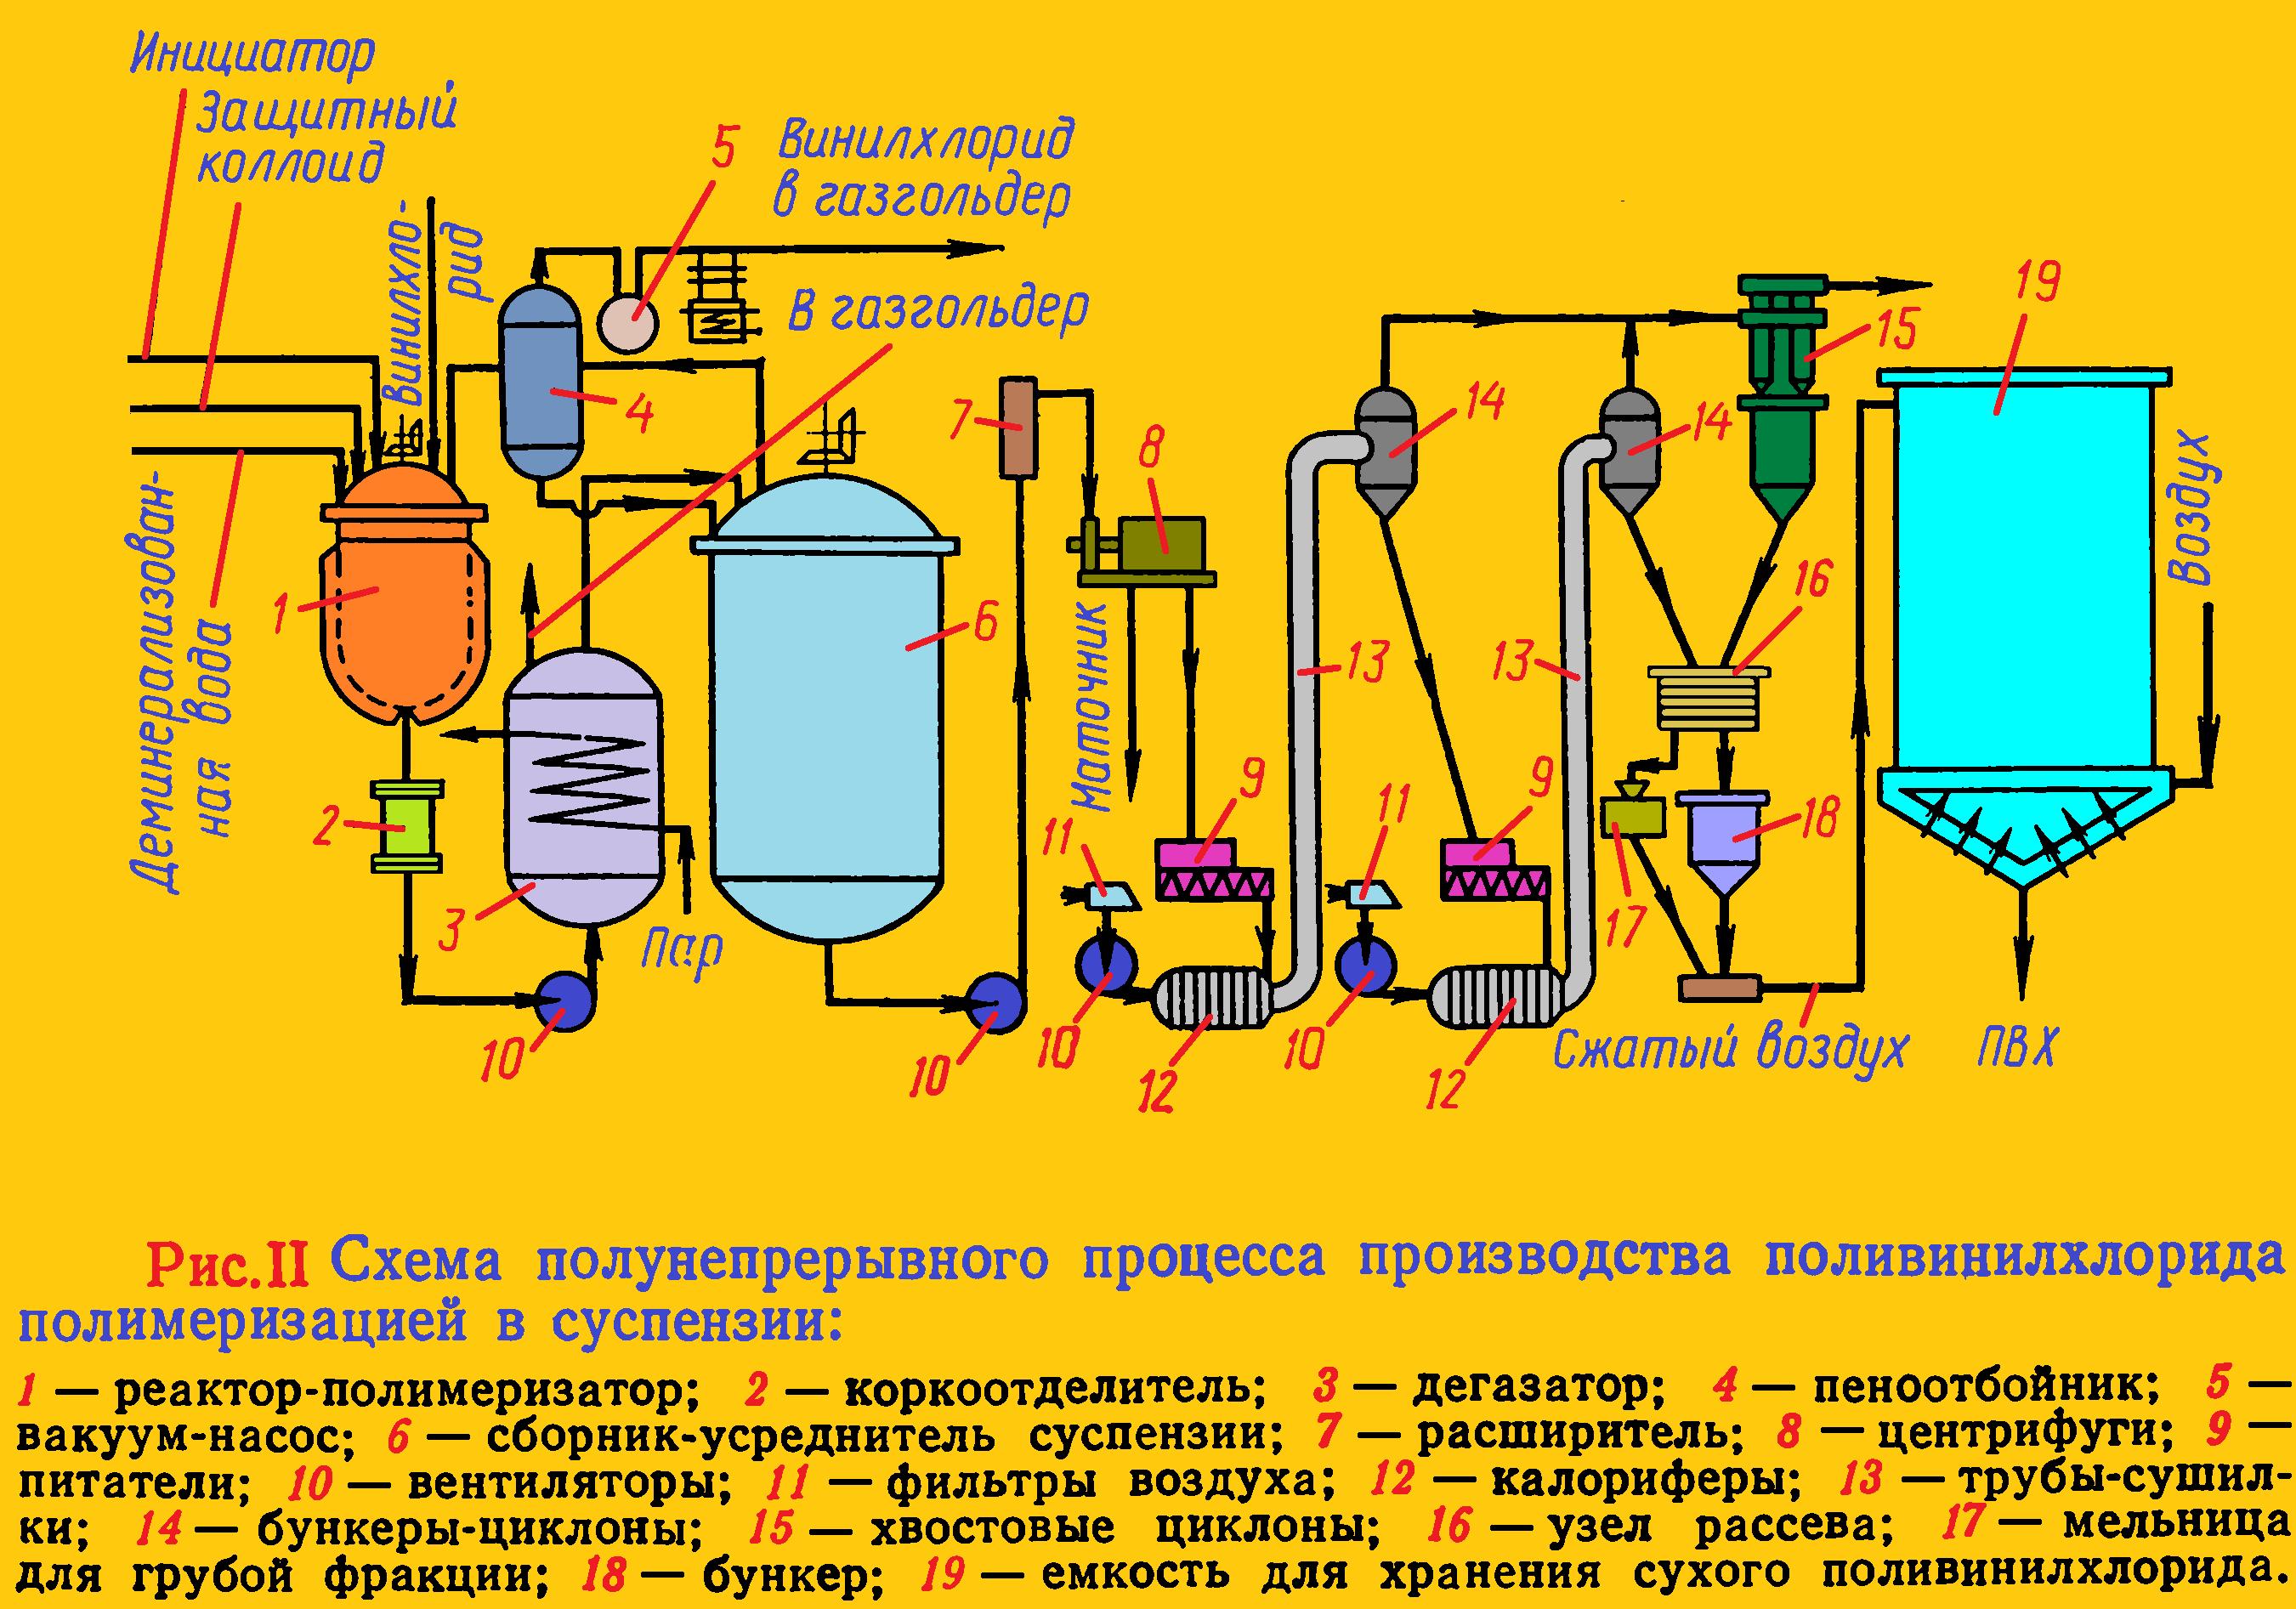 суспензионный пвх полунепрерывный процесс полимеризации